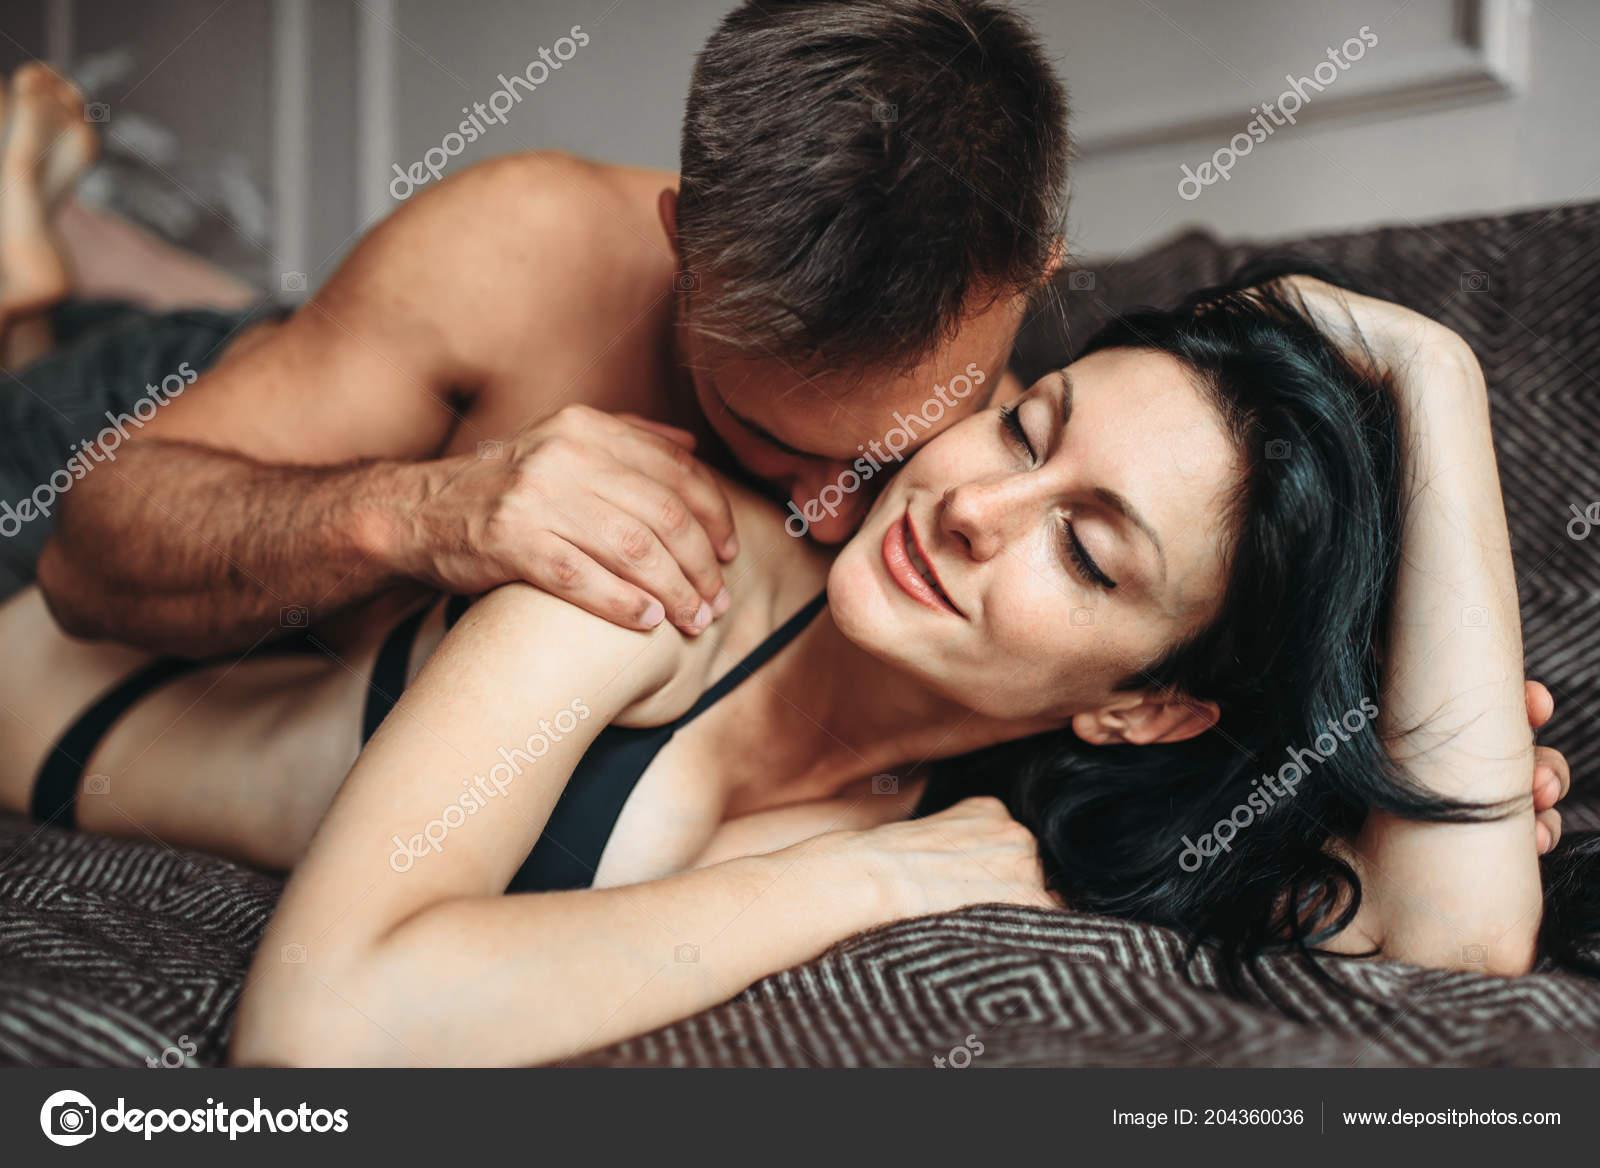 сайт вчера домашняя порнуха на русском языке сайт интересующей